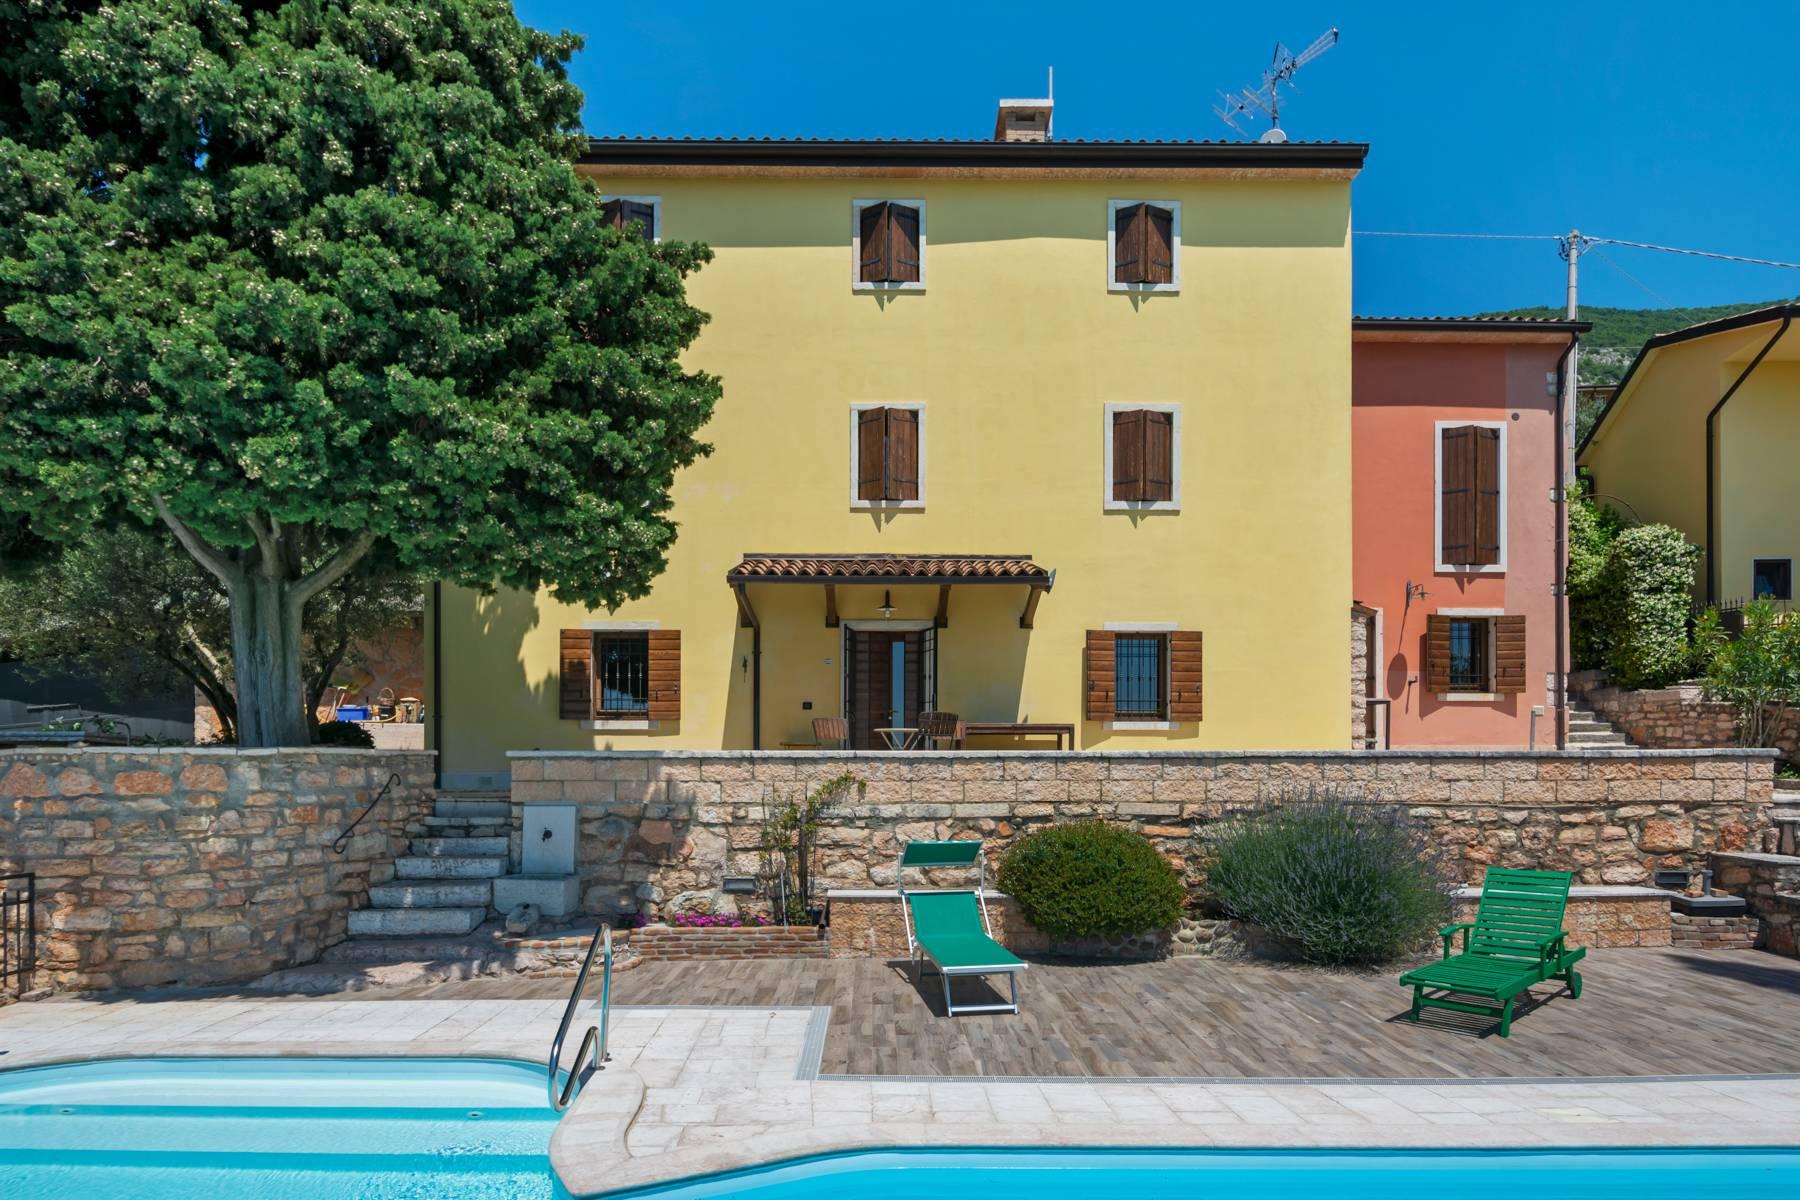 Rustico in Vendita a Sant'Ambrogio Di Valpolicella: 5 locali, 300 mq